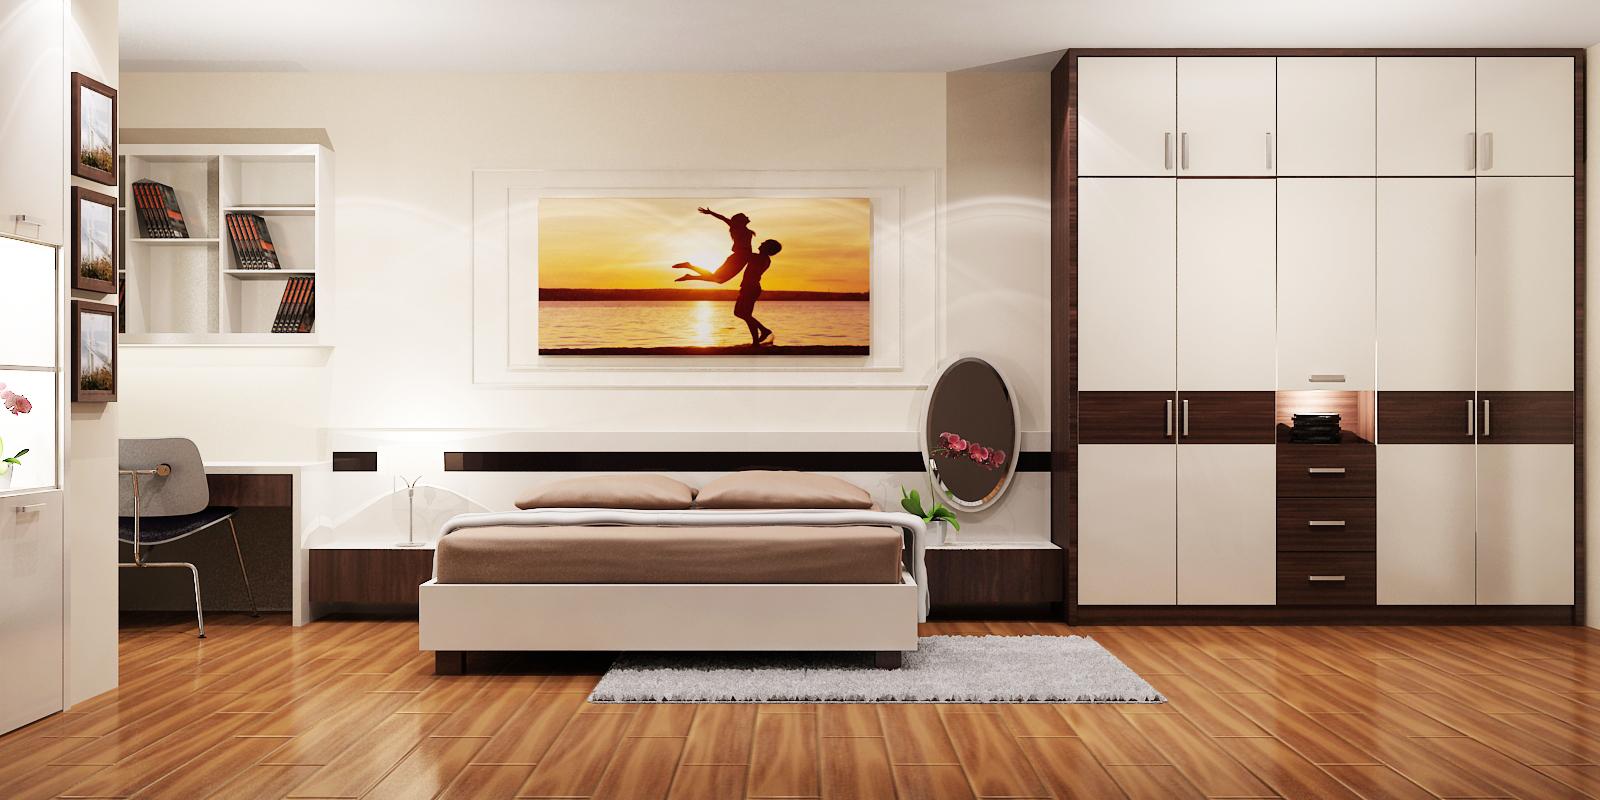 Kết quả hình ảnh cho giường tủ đẹp trong căn hộ